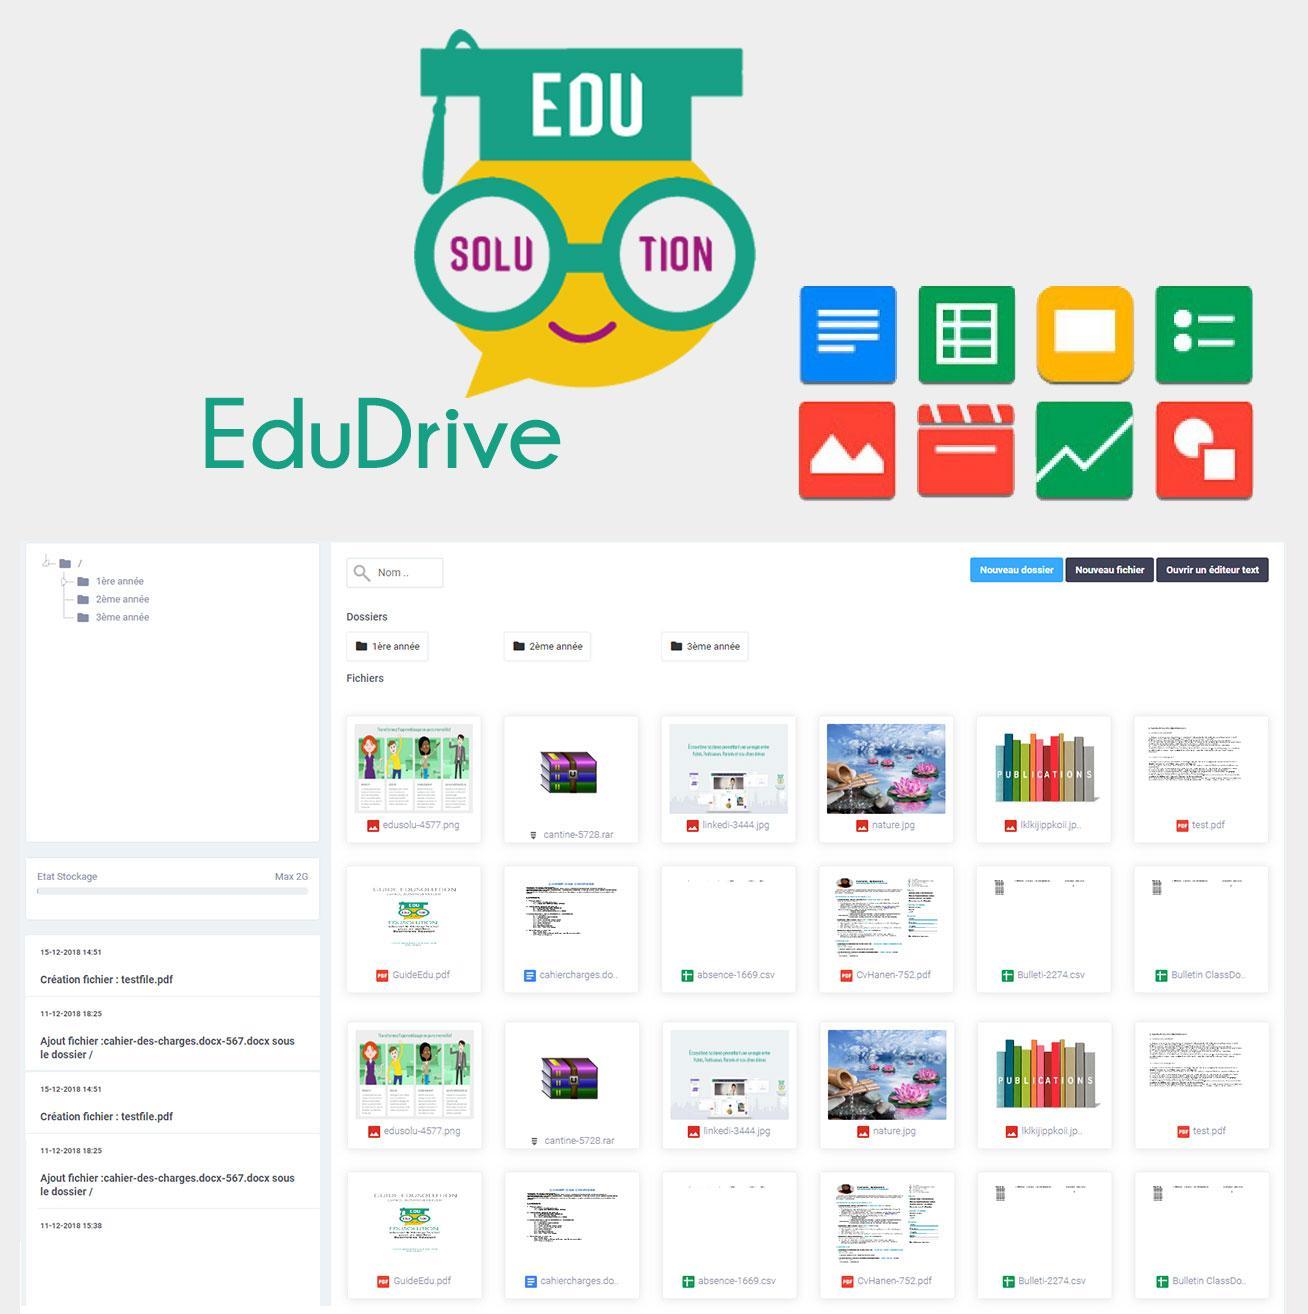 edu-drive-edusolution.jpg